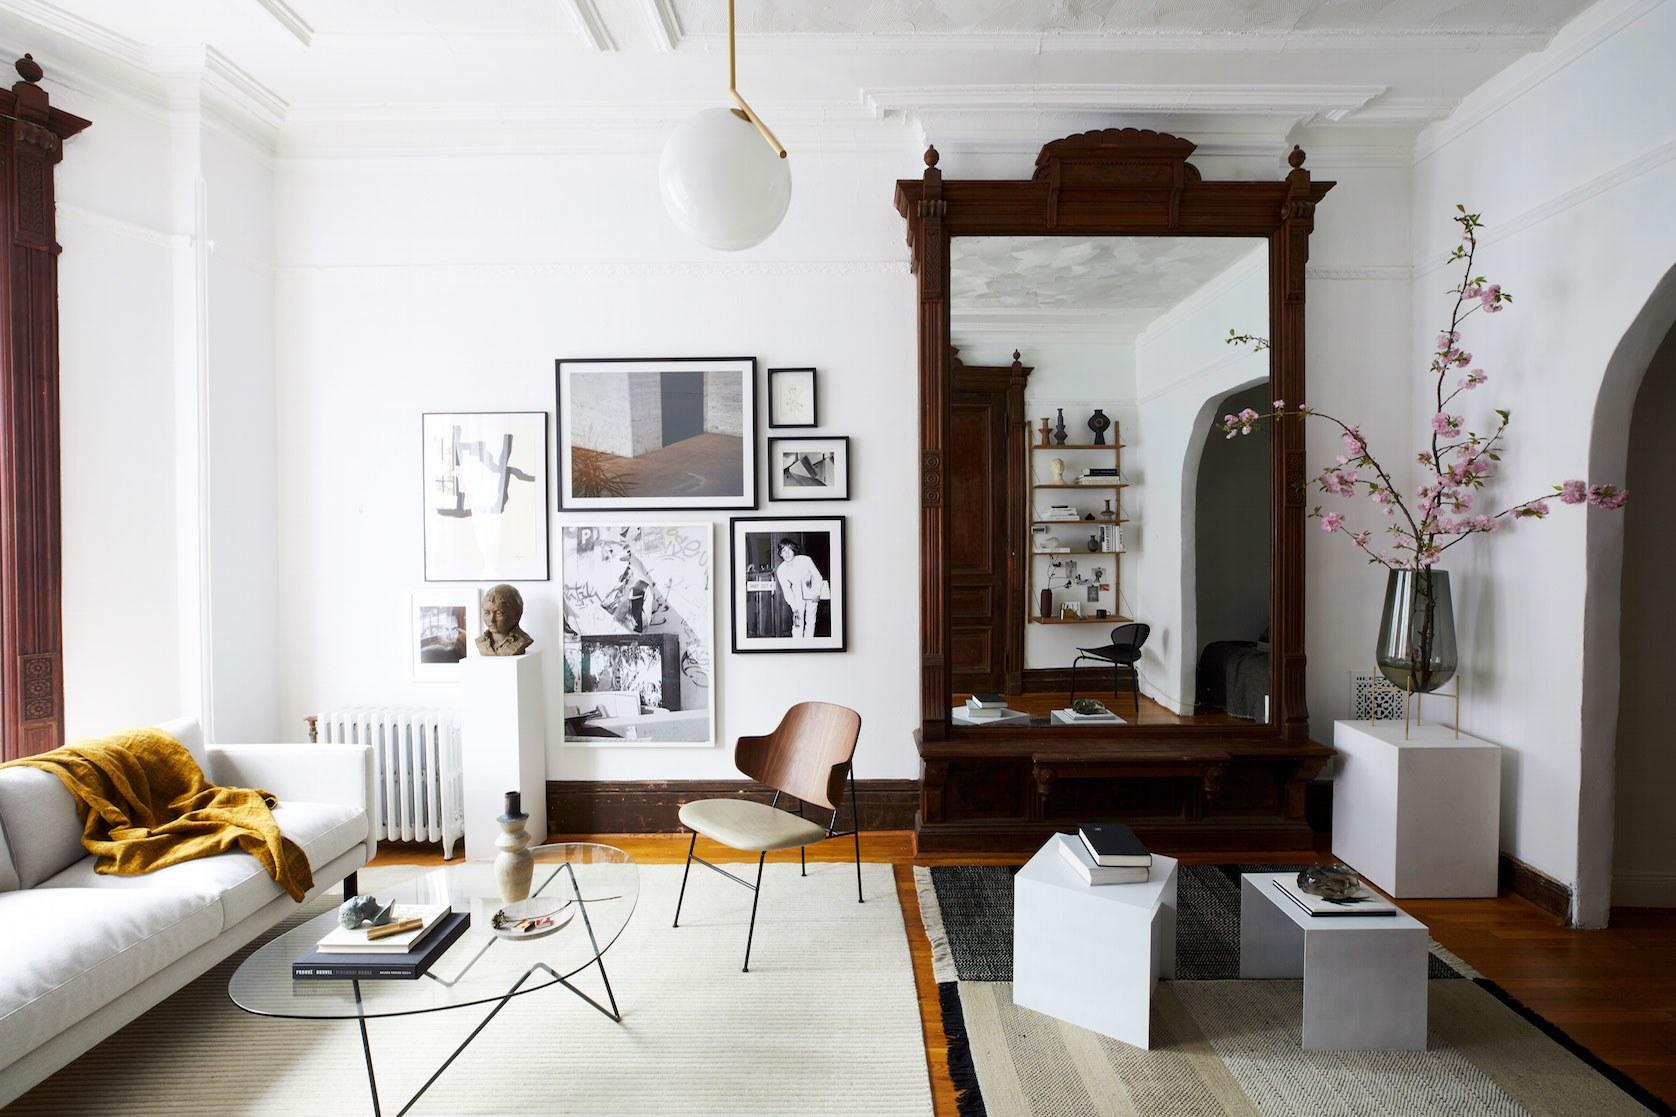 tariq-dixon-living-room-bed-stuy-8.jpg